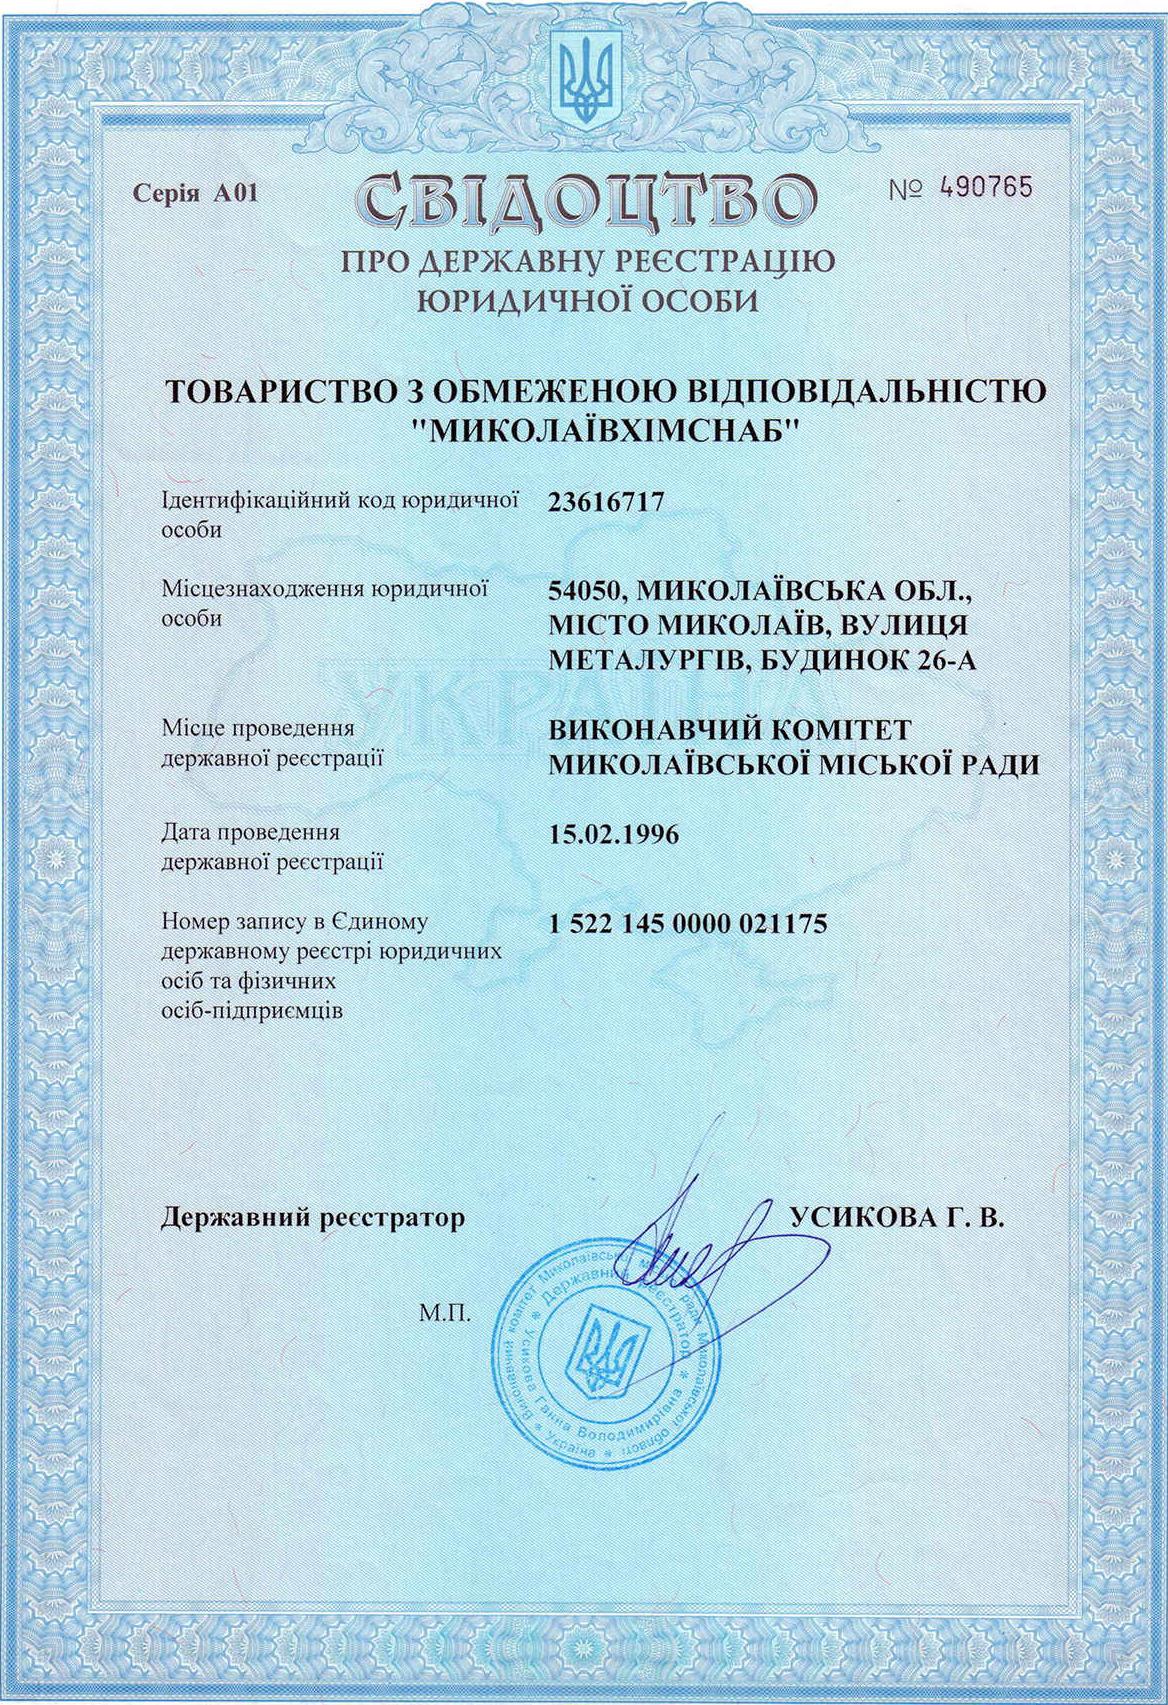 Документ регистрации компании - по бизнес иммиграции в Украину